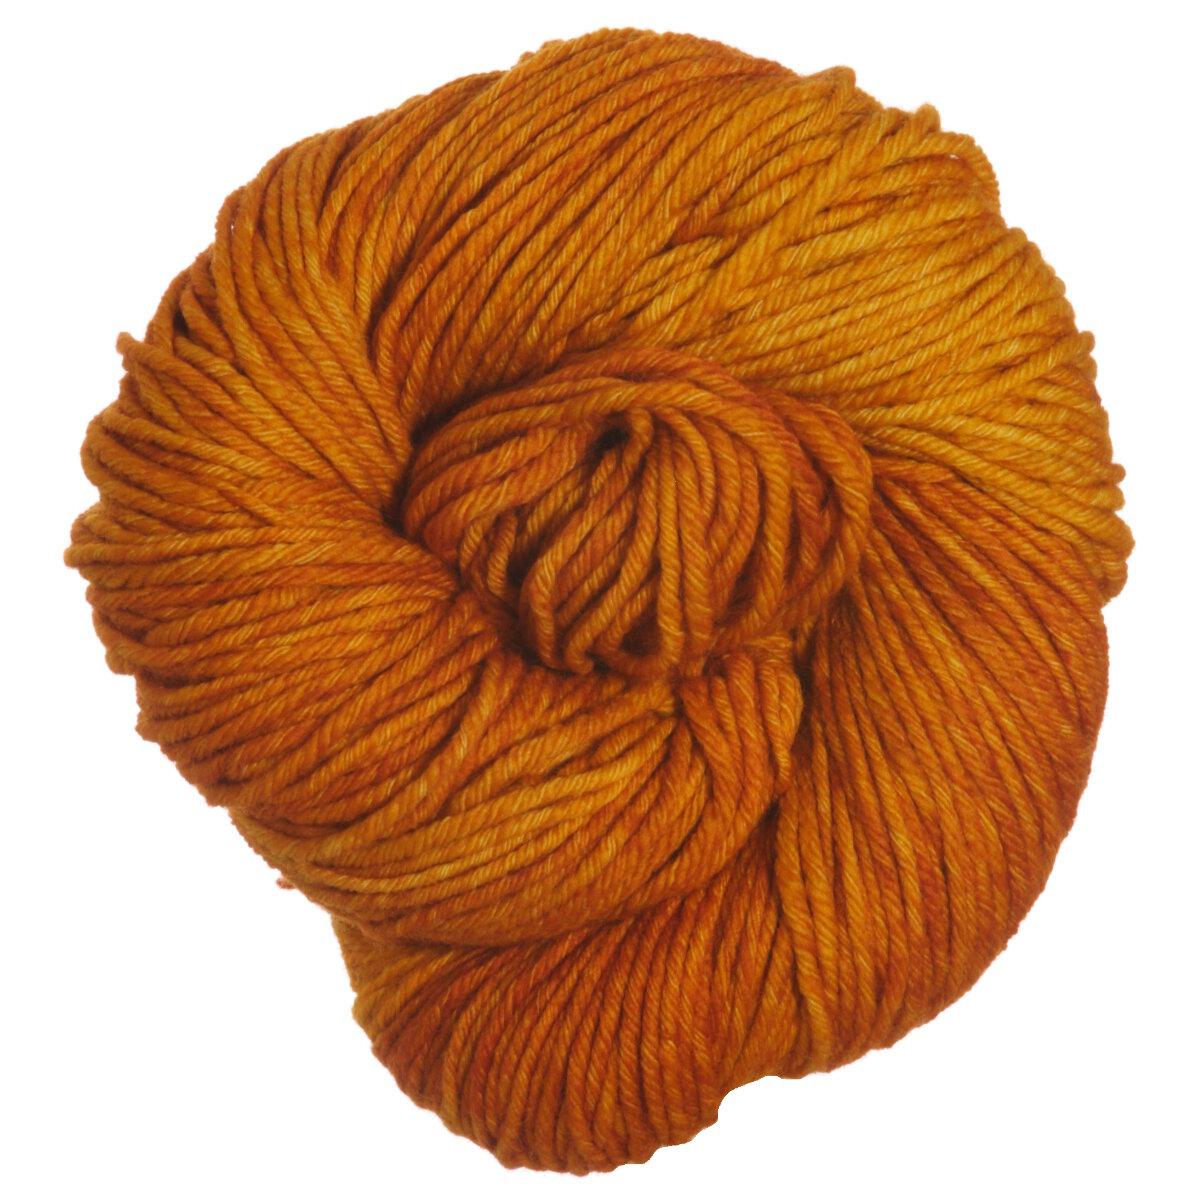 Malabrigo Twist Yarn At Jimmy Beans Wool